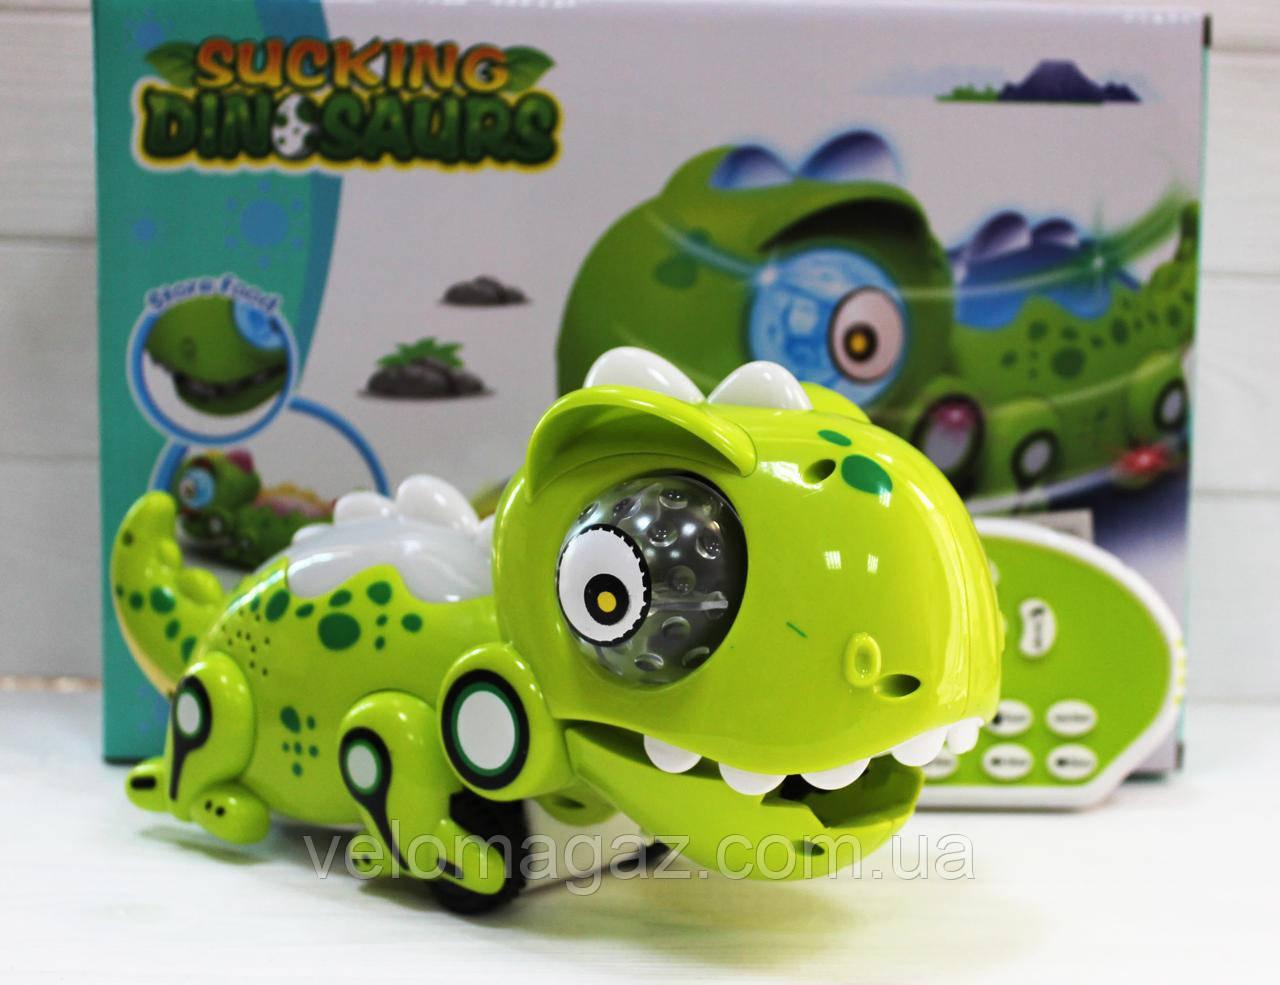 """Інтерактивна іграшка хамелеон 802, """"їсть комашок"""", 28 см, на радіокеруванні, акумулятор, змінює колір"""